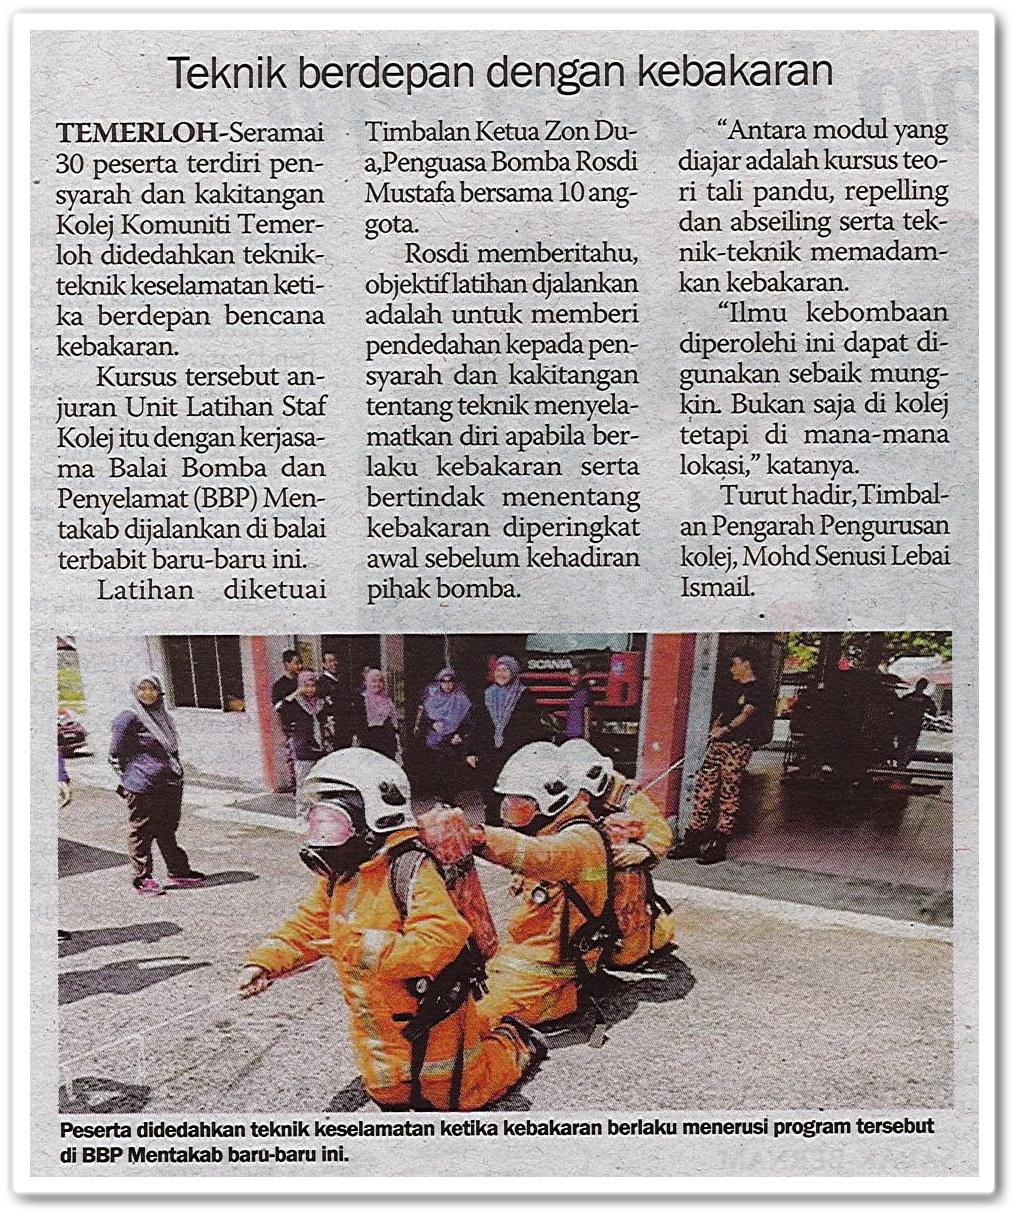 Teknik berdepan dengan kebakaran - Keratan akhbar Sinar Harian 14 Mei 2019